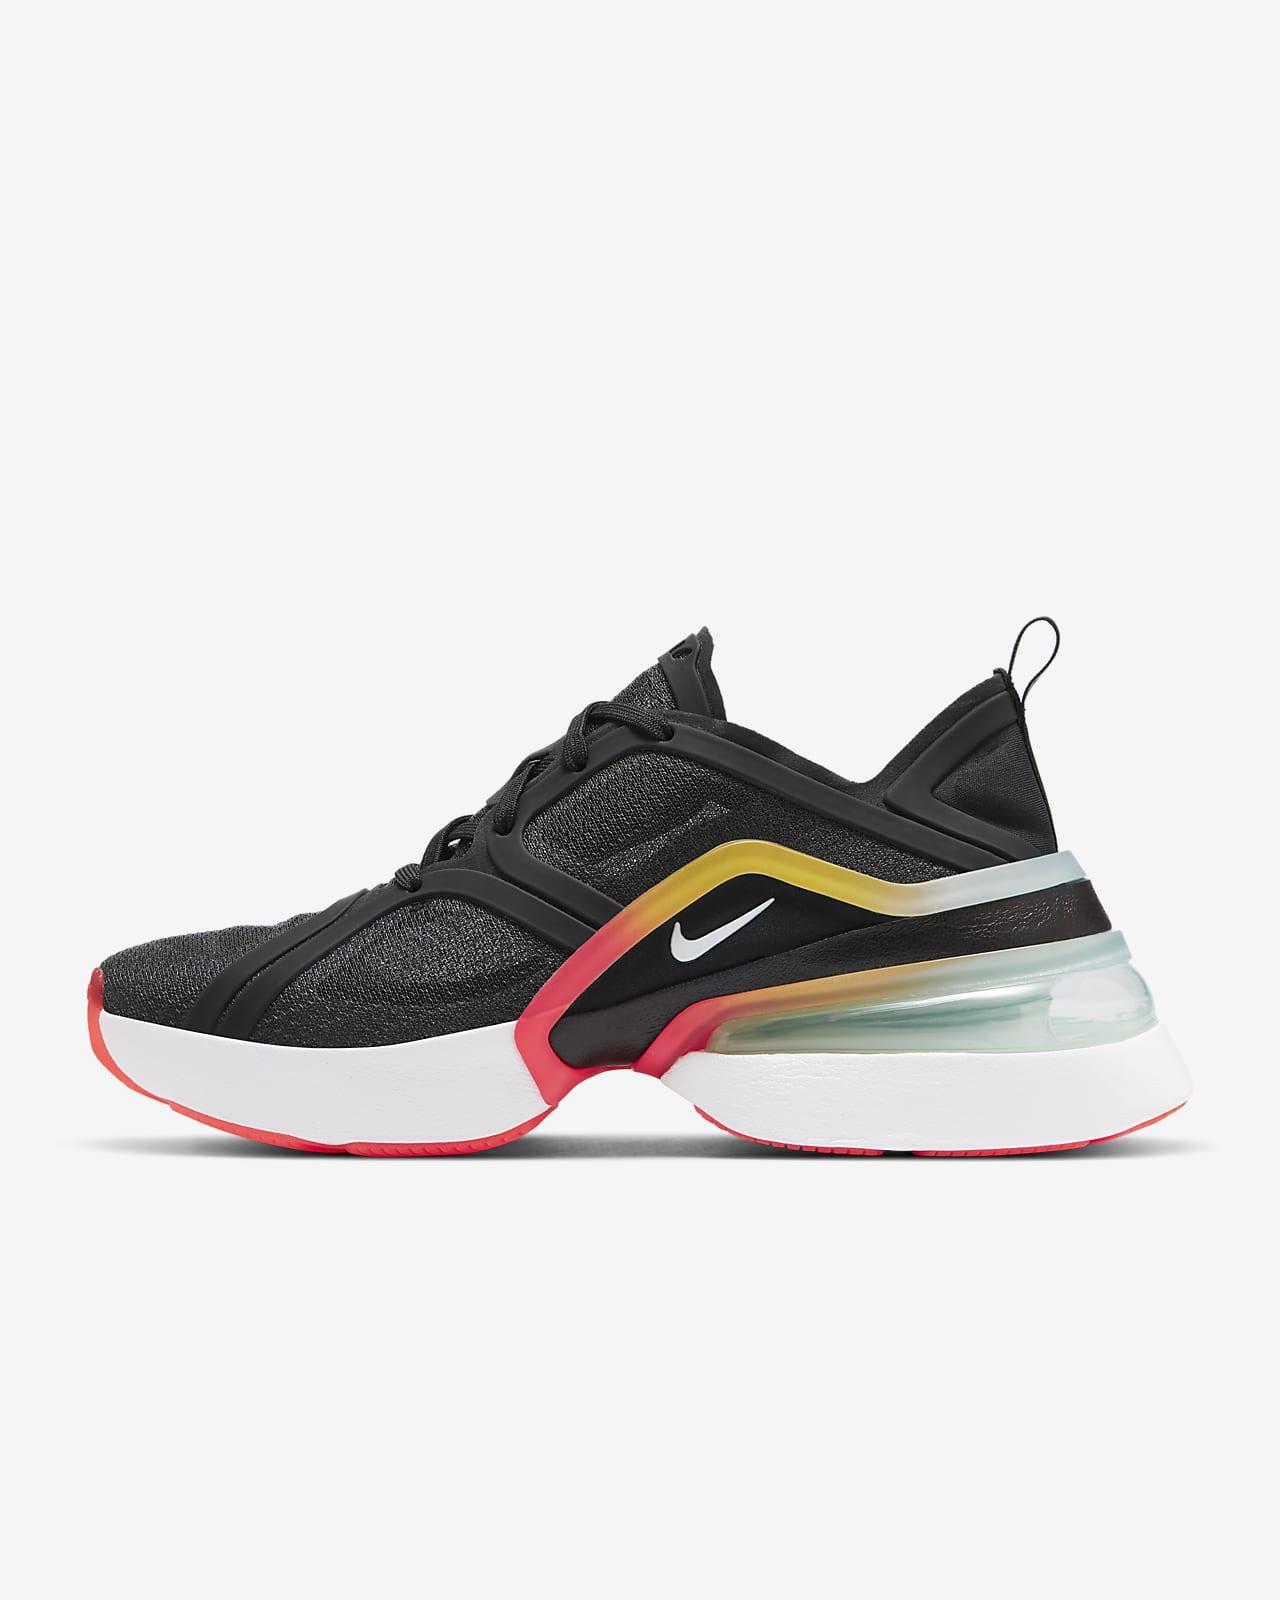 Nike Air Max 270 XX 女鞋